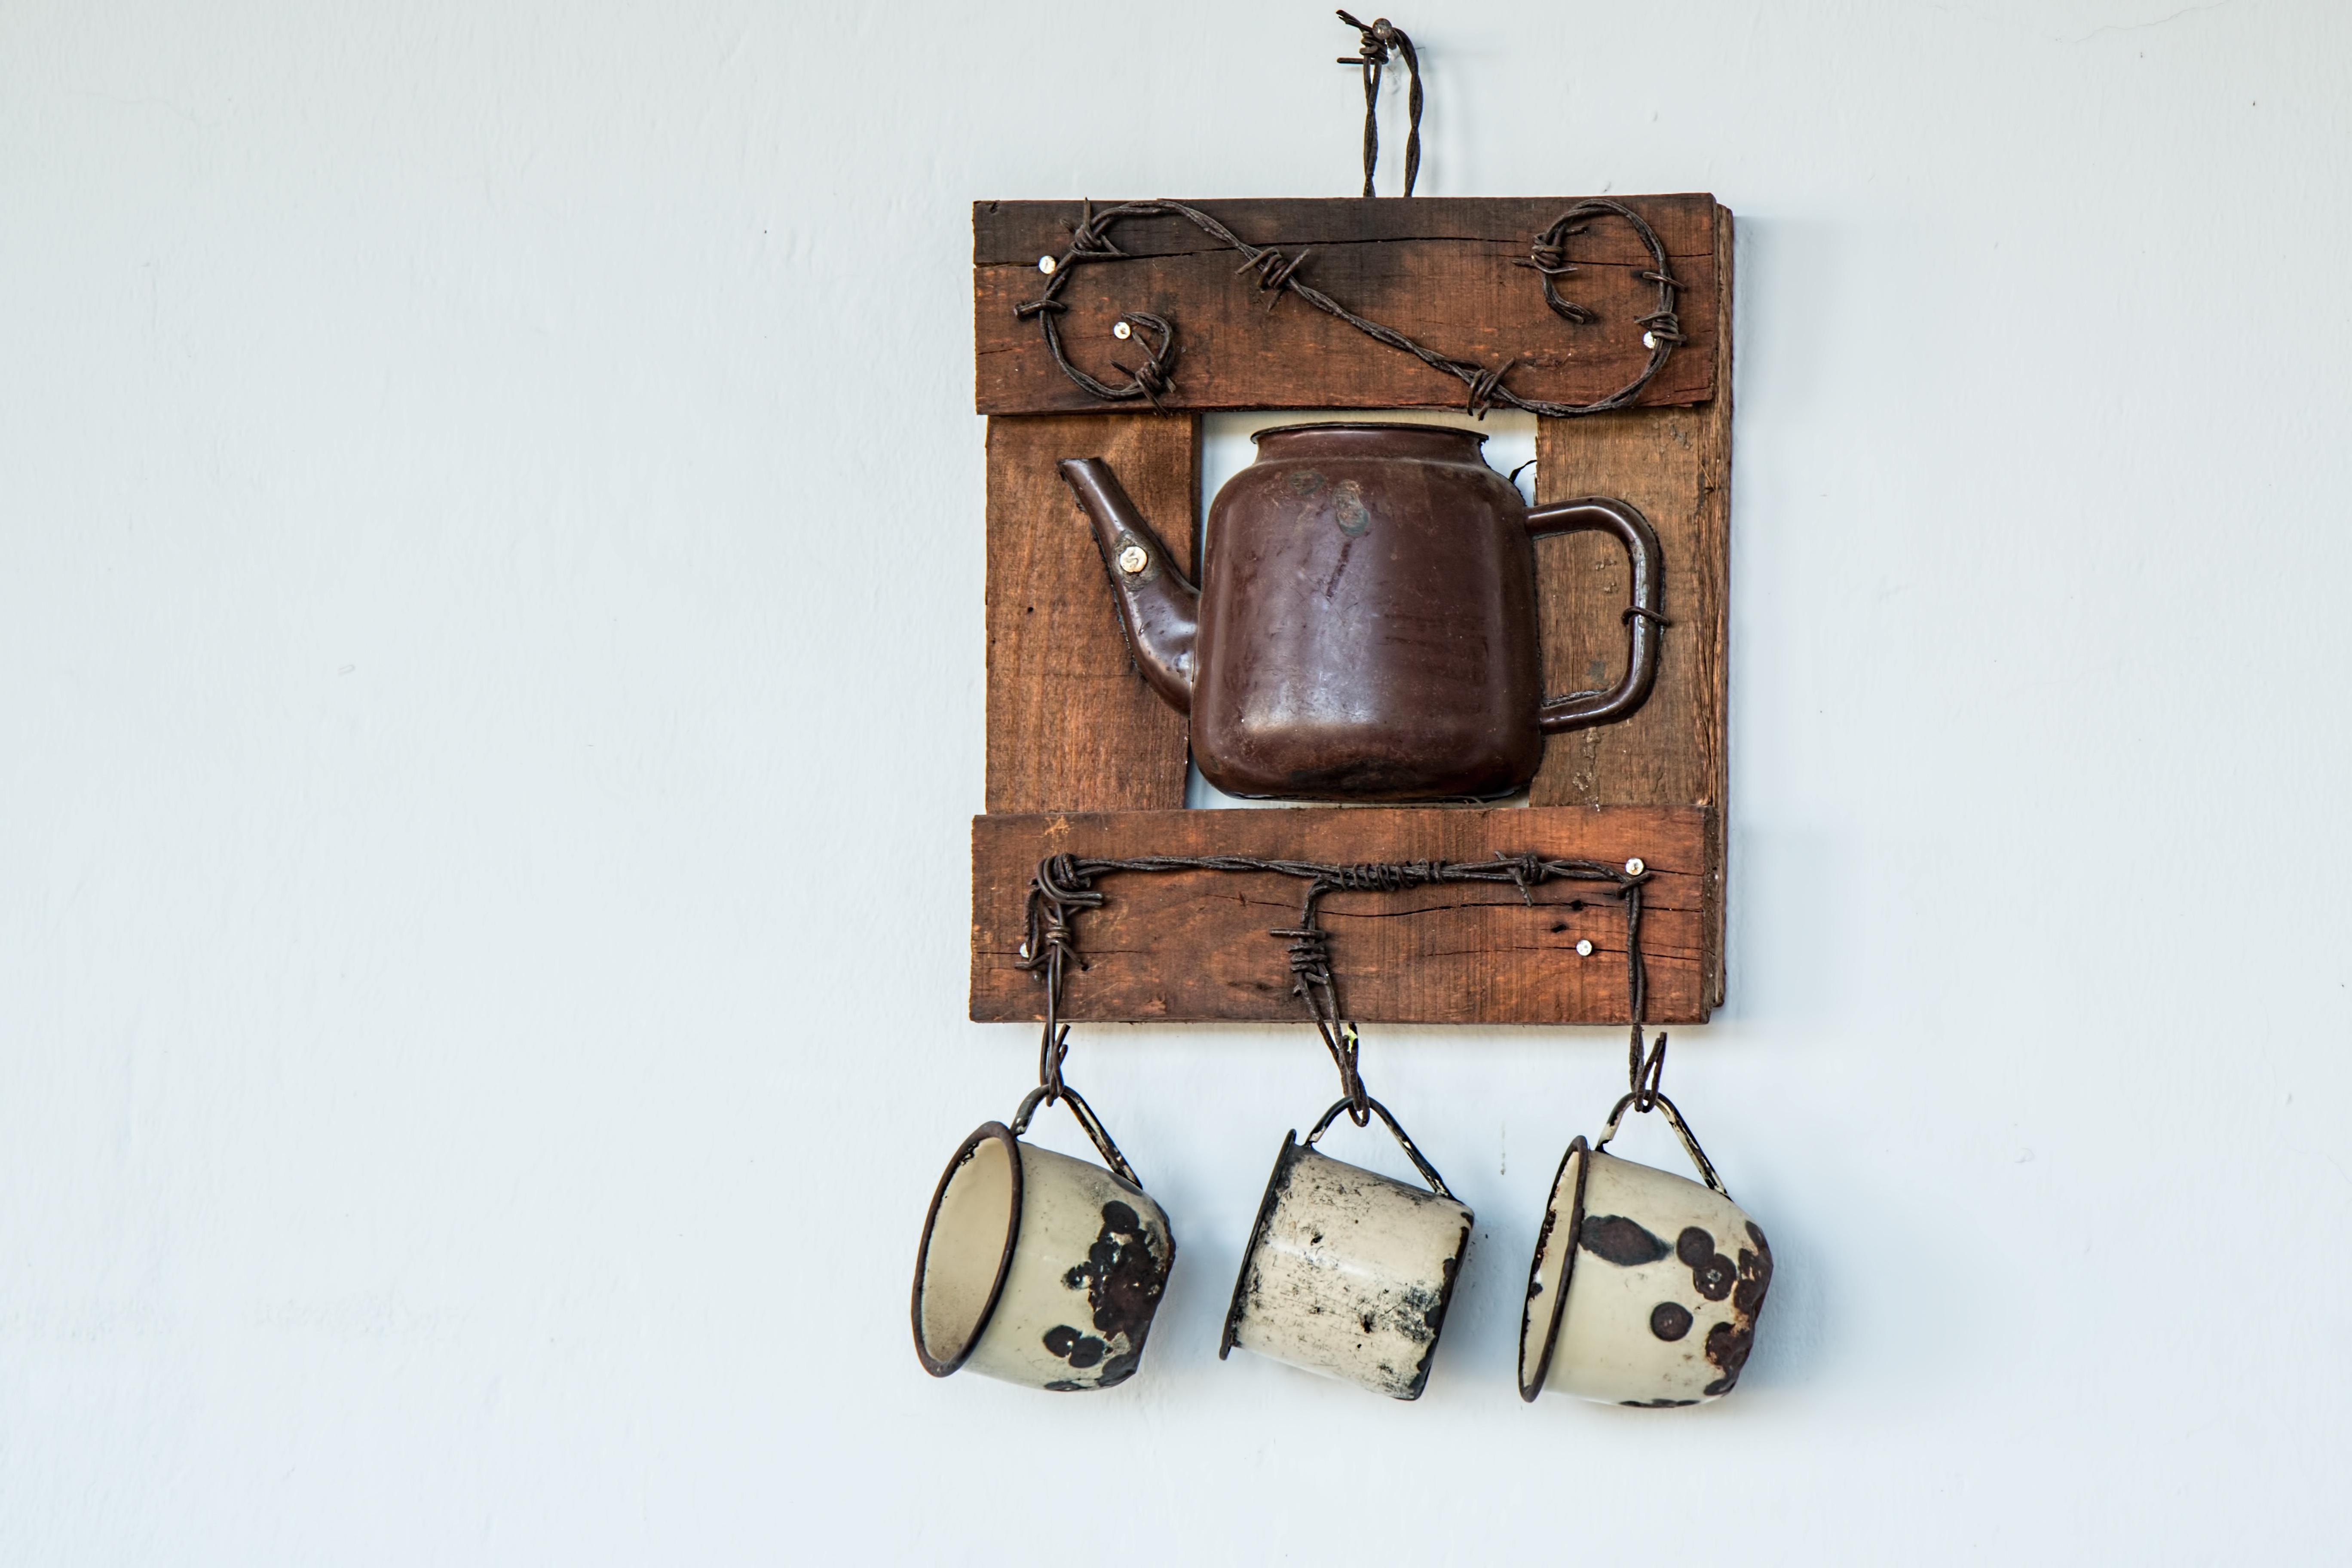 Free Images : leather, vintage, antique, retro, tea, old, teapot ...